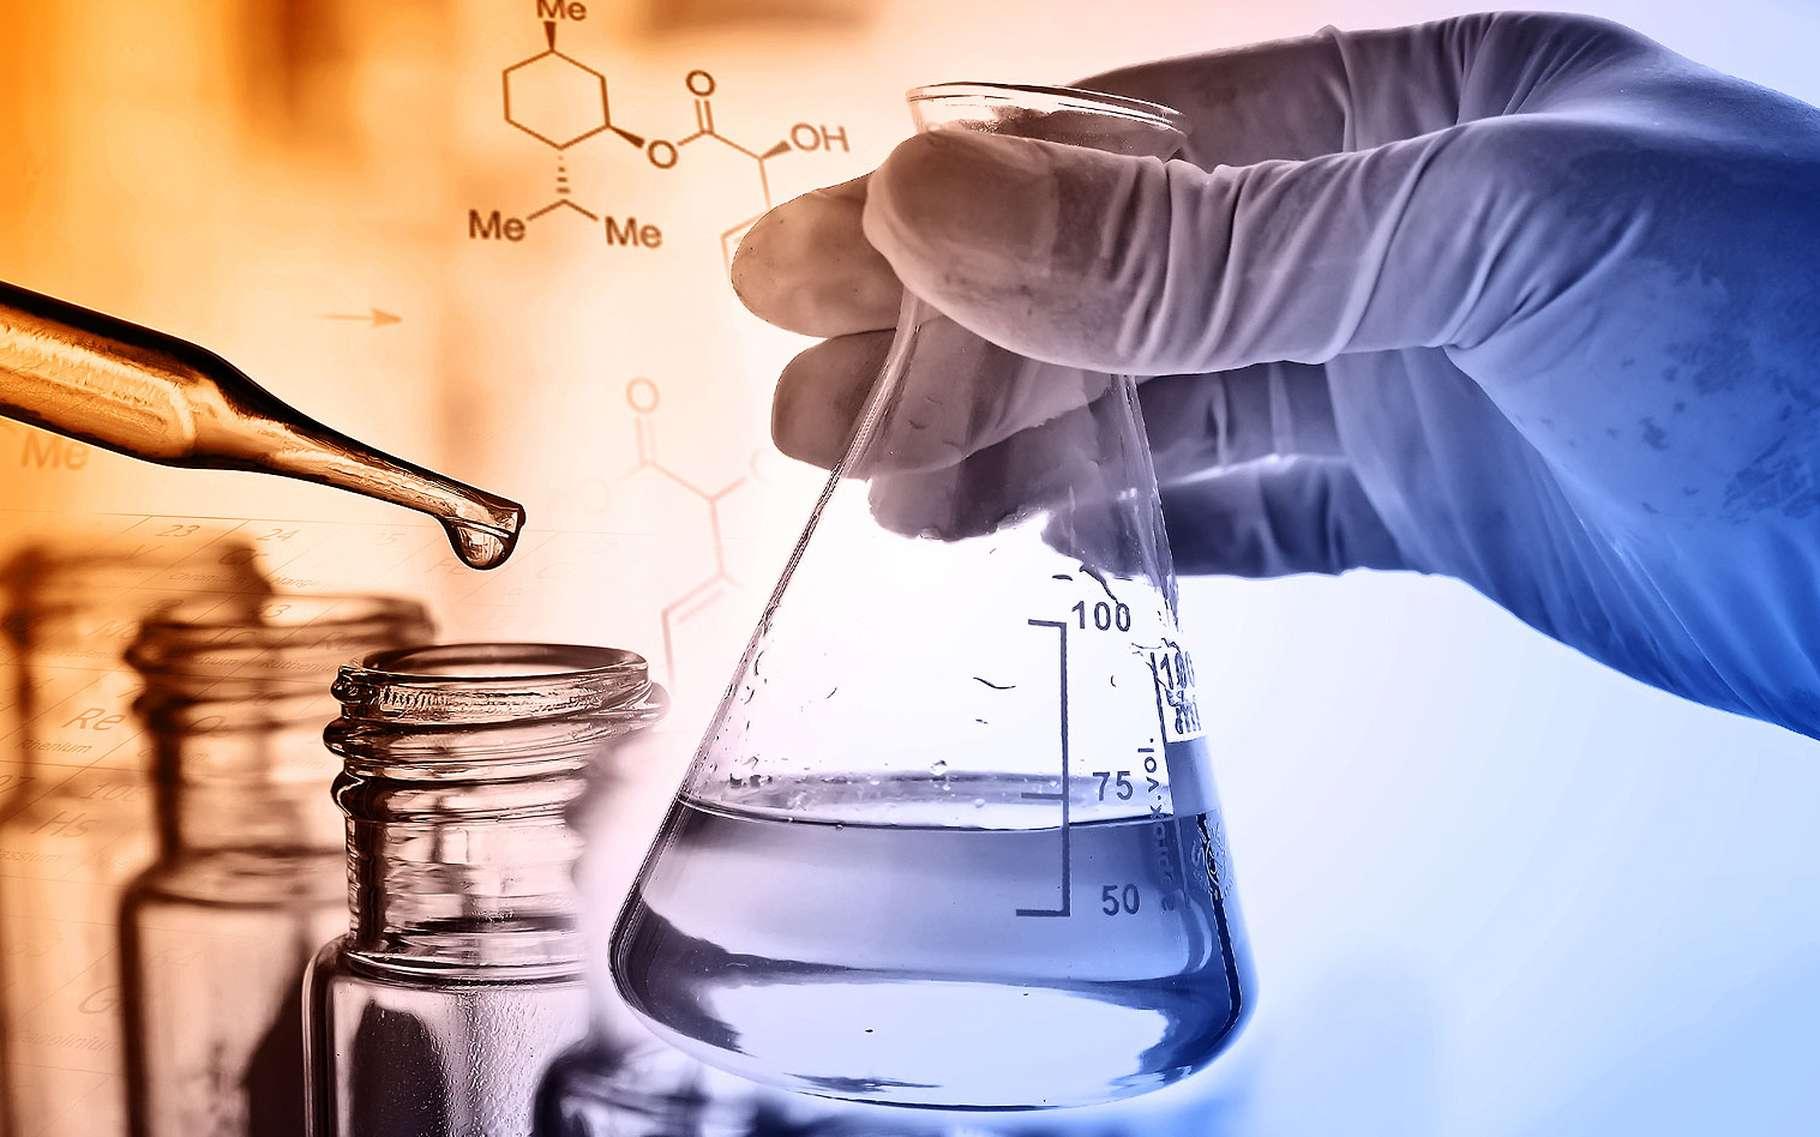 Dans de multiples domaines, les biotechnologies sont pleines de promesses. Pour en tirer profit, il faut bien regarder la nature et s'en inspirer. © DR